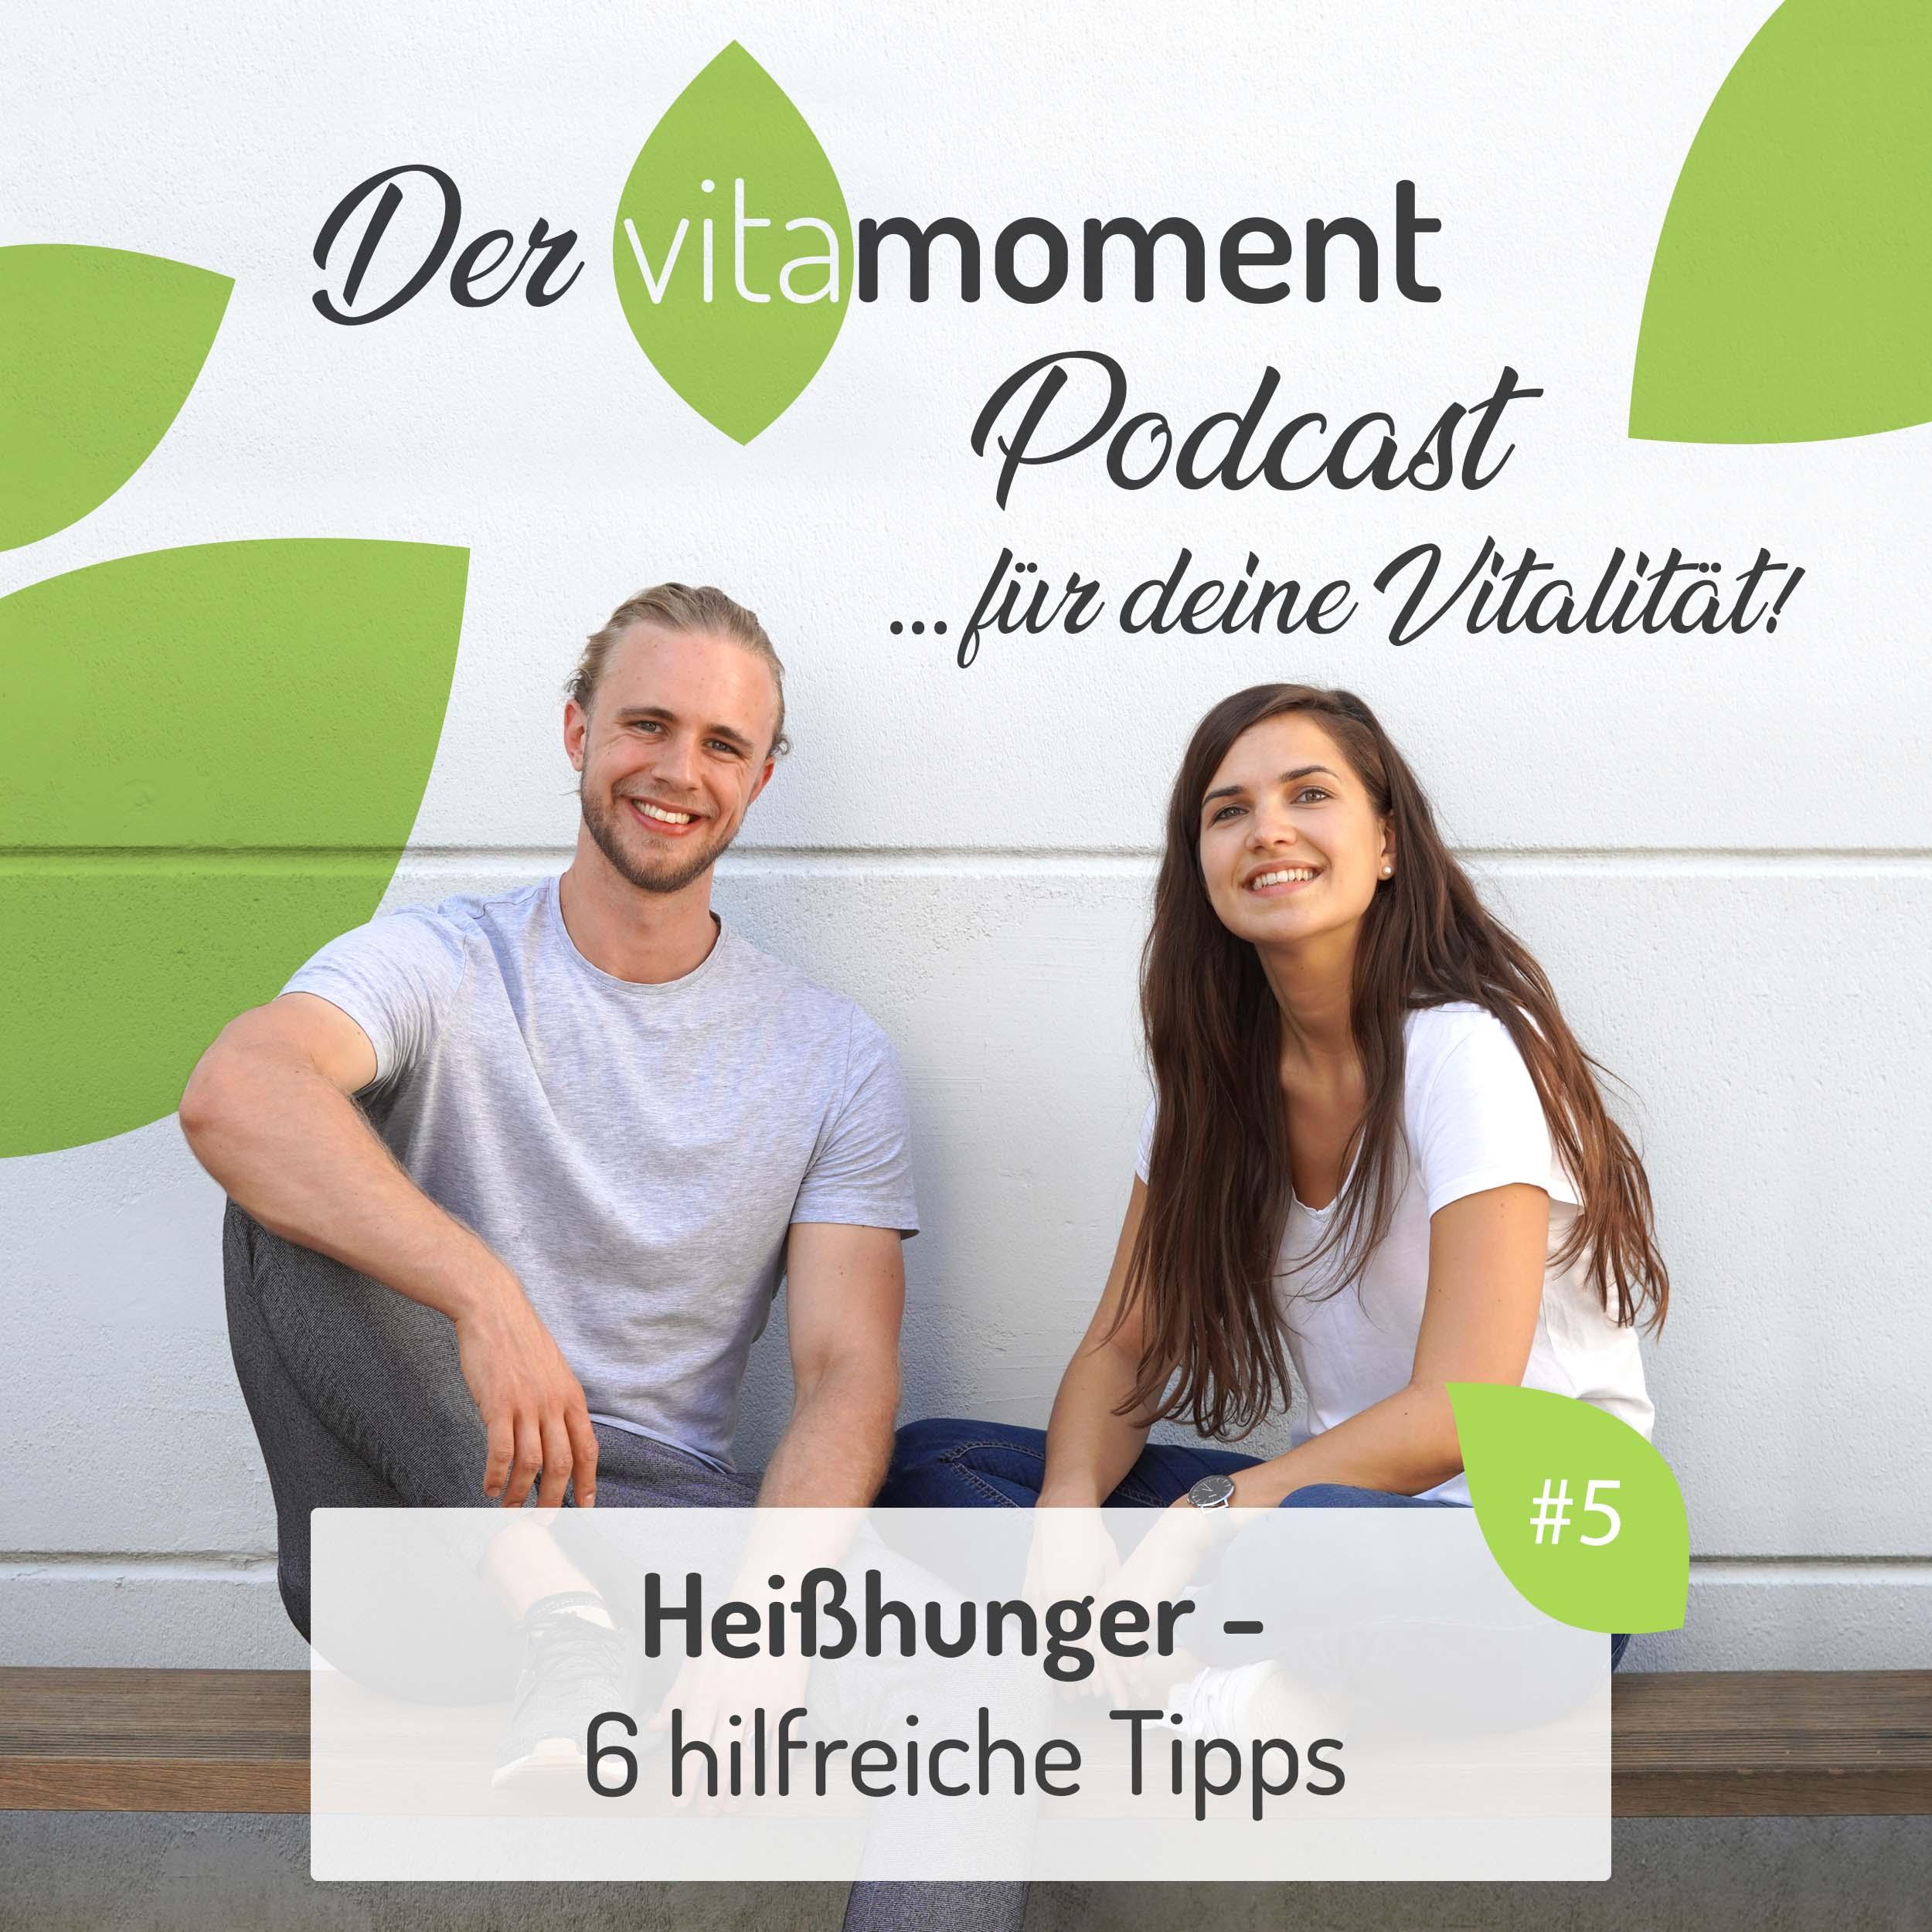 #5 Heißhunger - 6 hilfreiche Tipps